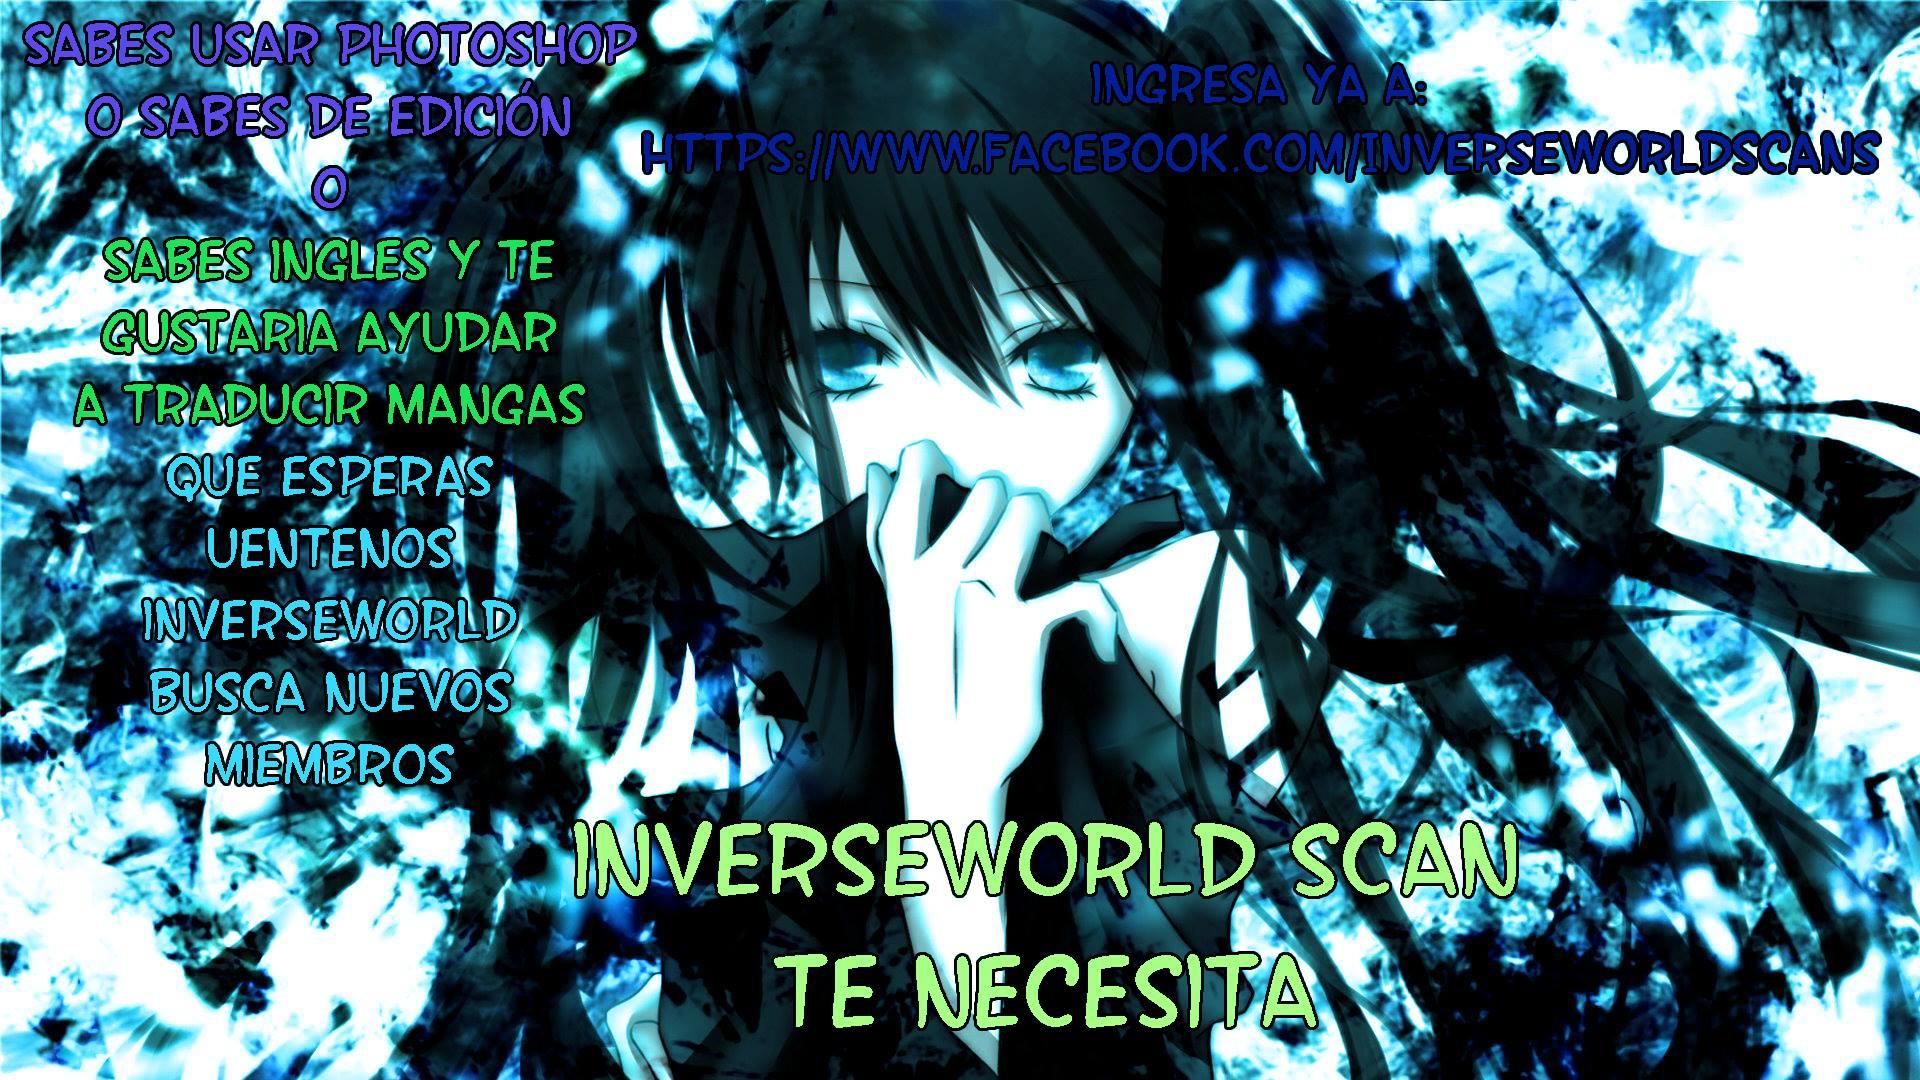 http://c5.ninemanga.com/es_manga/45/16237/392809/62b2b4643c97bb5fed71f0bb1898f9f6.jpg Page 1